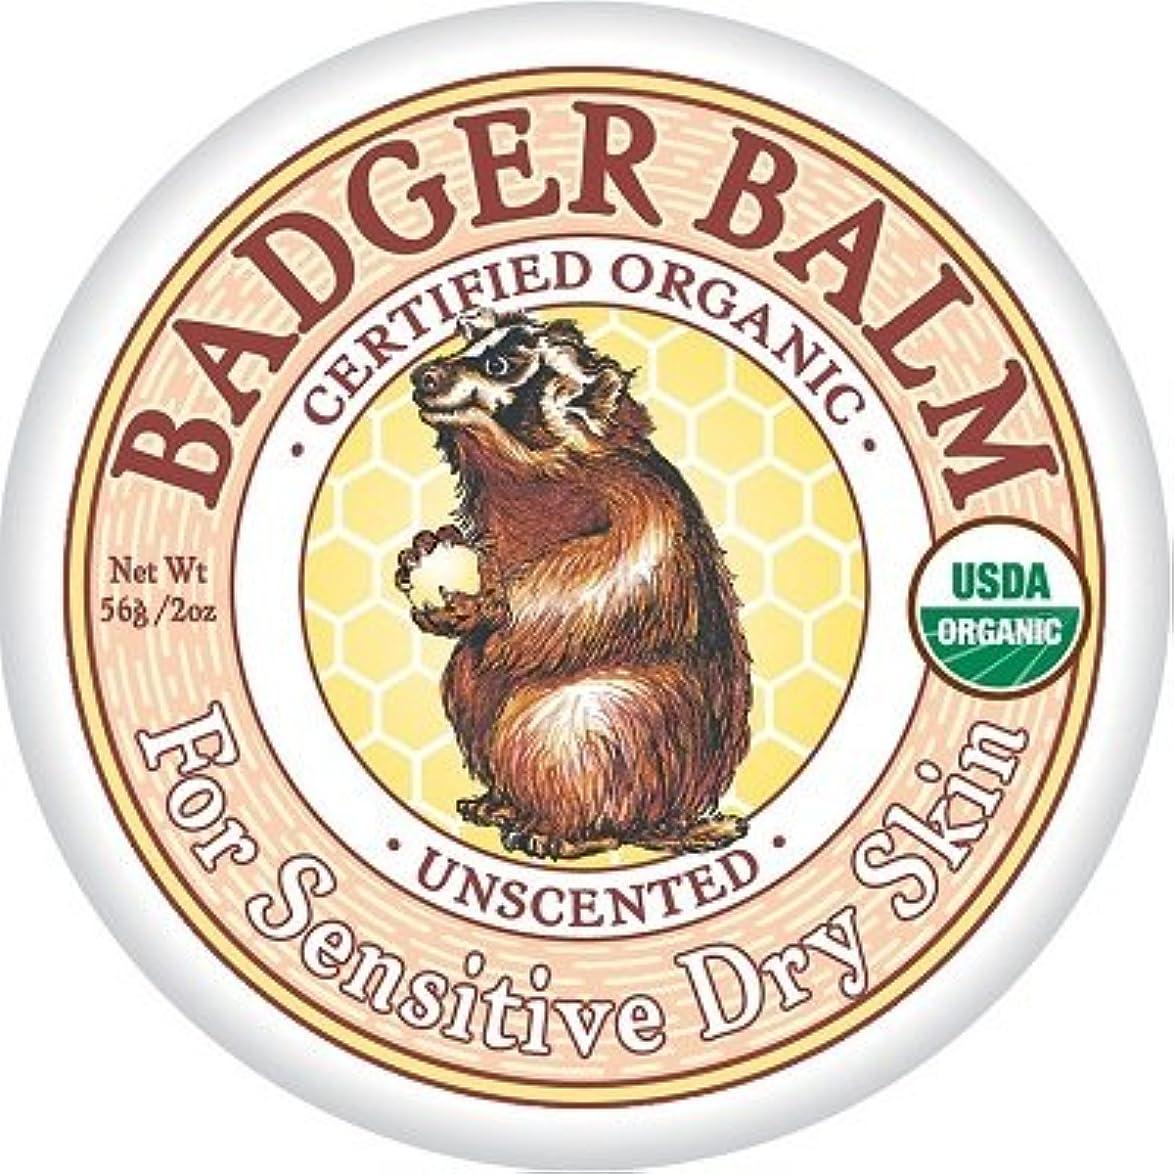 一方、静める宗教Badger バジャー ヒーリングバーム (無香料)56g【海外直送品】【並行輸入品】